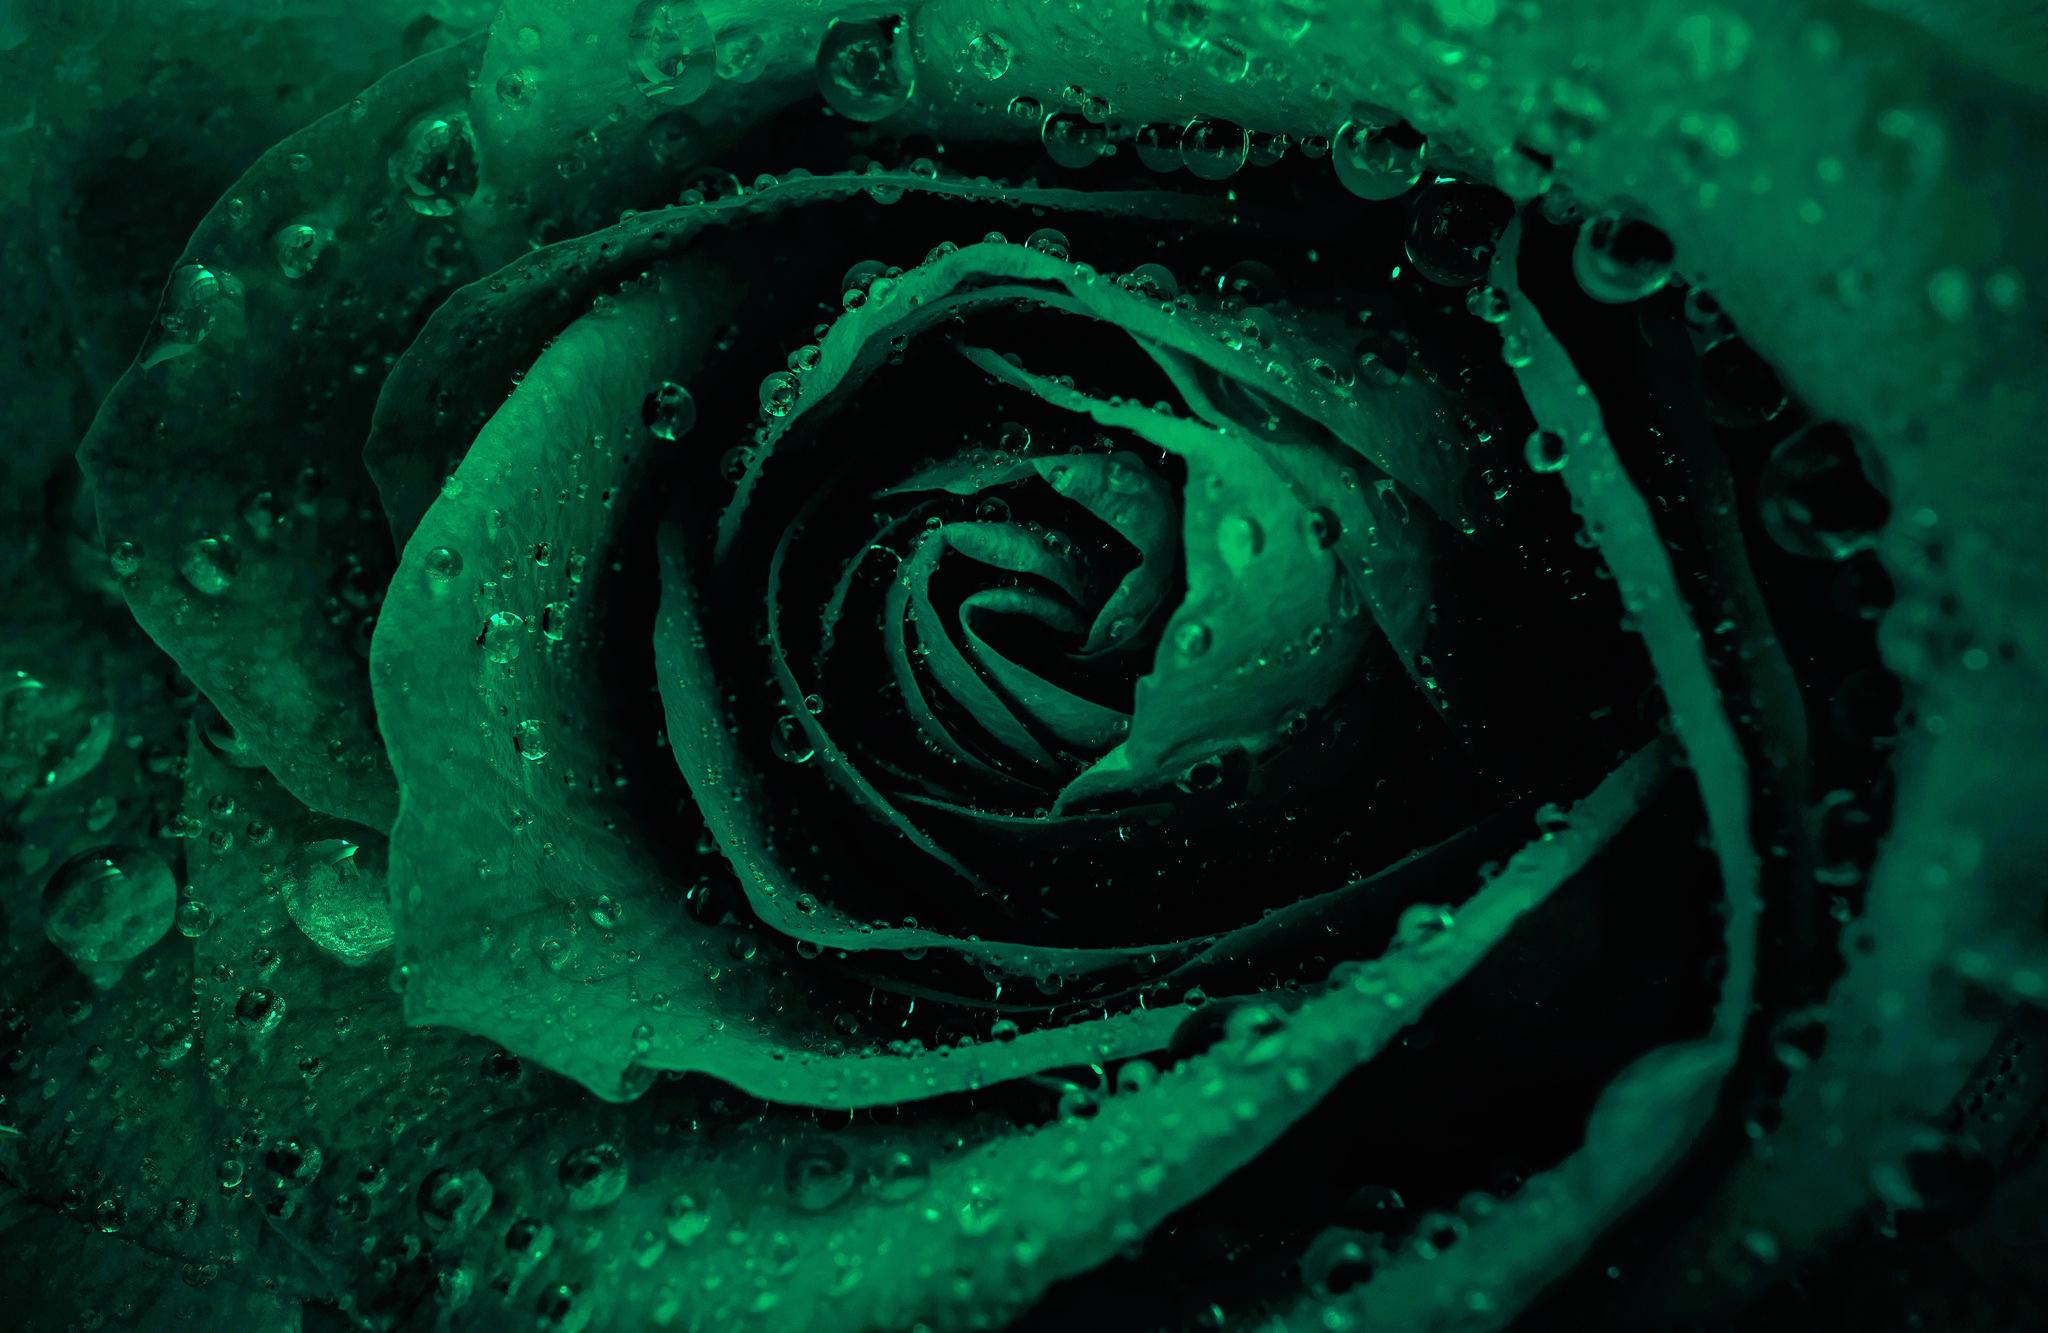 зеленые розы картинки каплями